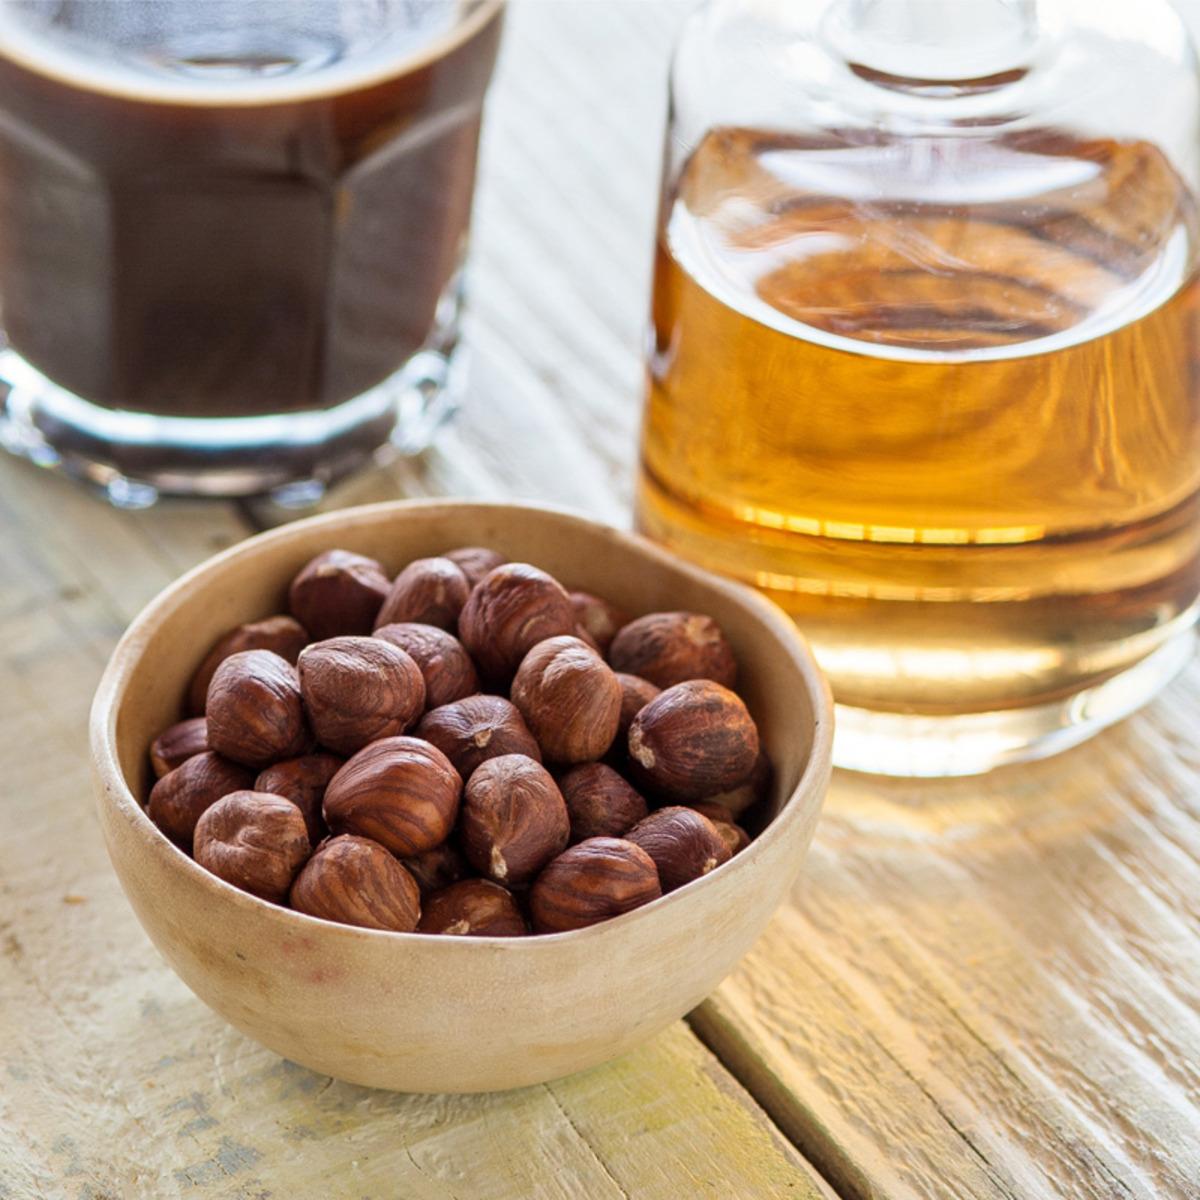 фото ореховых сиропов для кофе